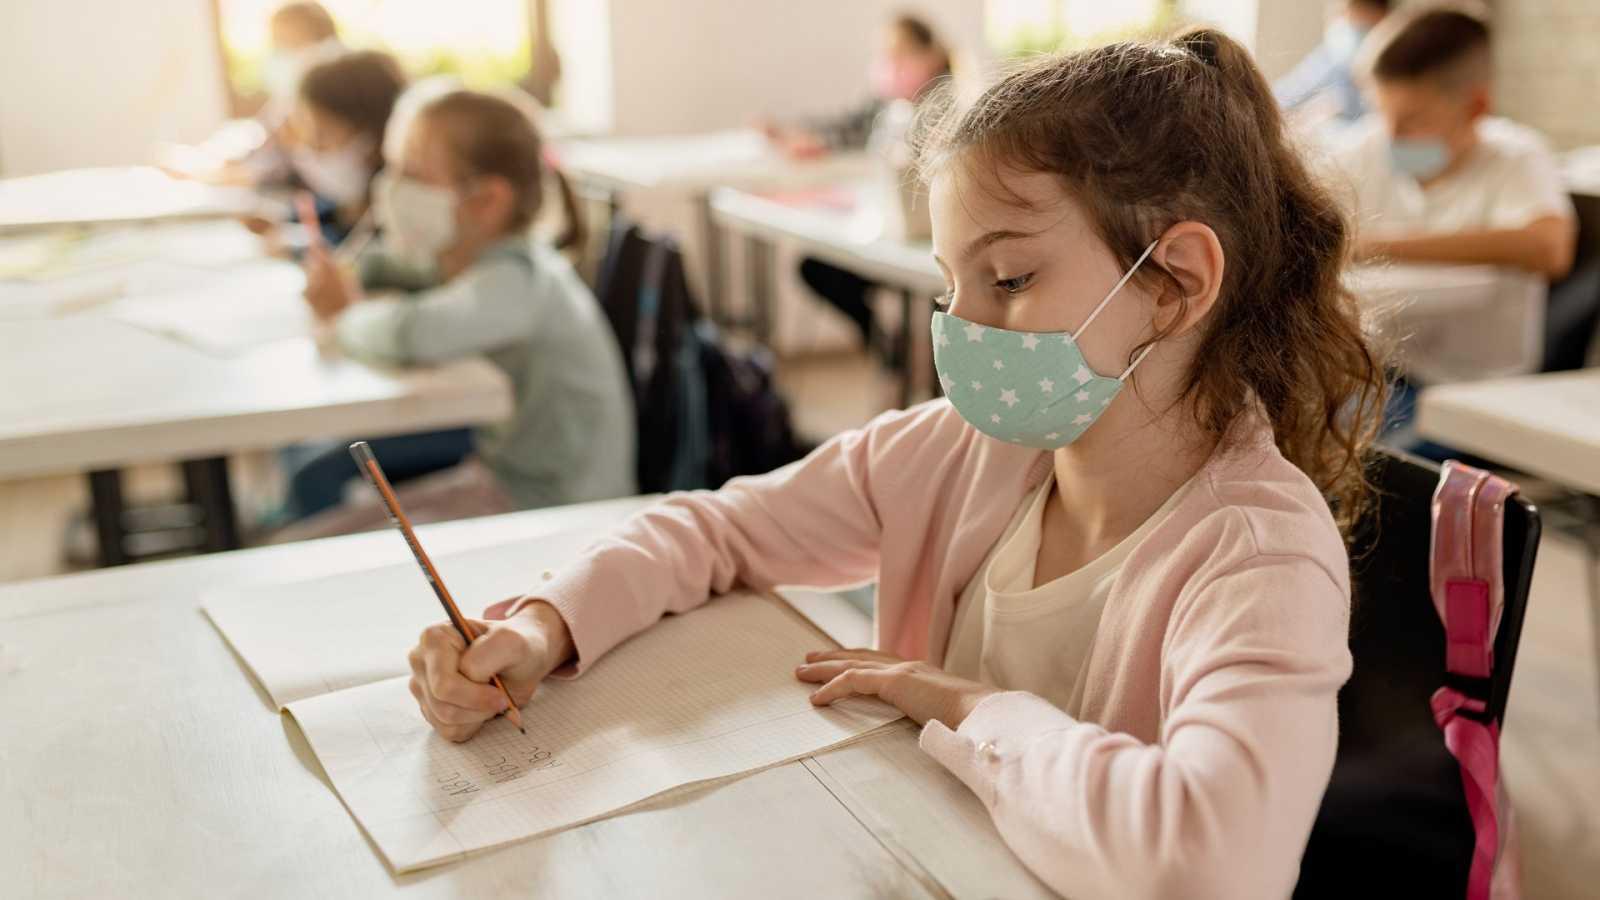 Las medidas para prevenir los contagios de coronavirus han cambiado la experiencia de ir al cole.